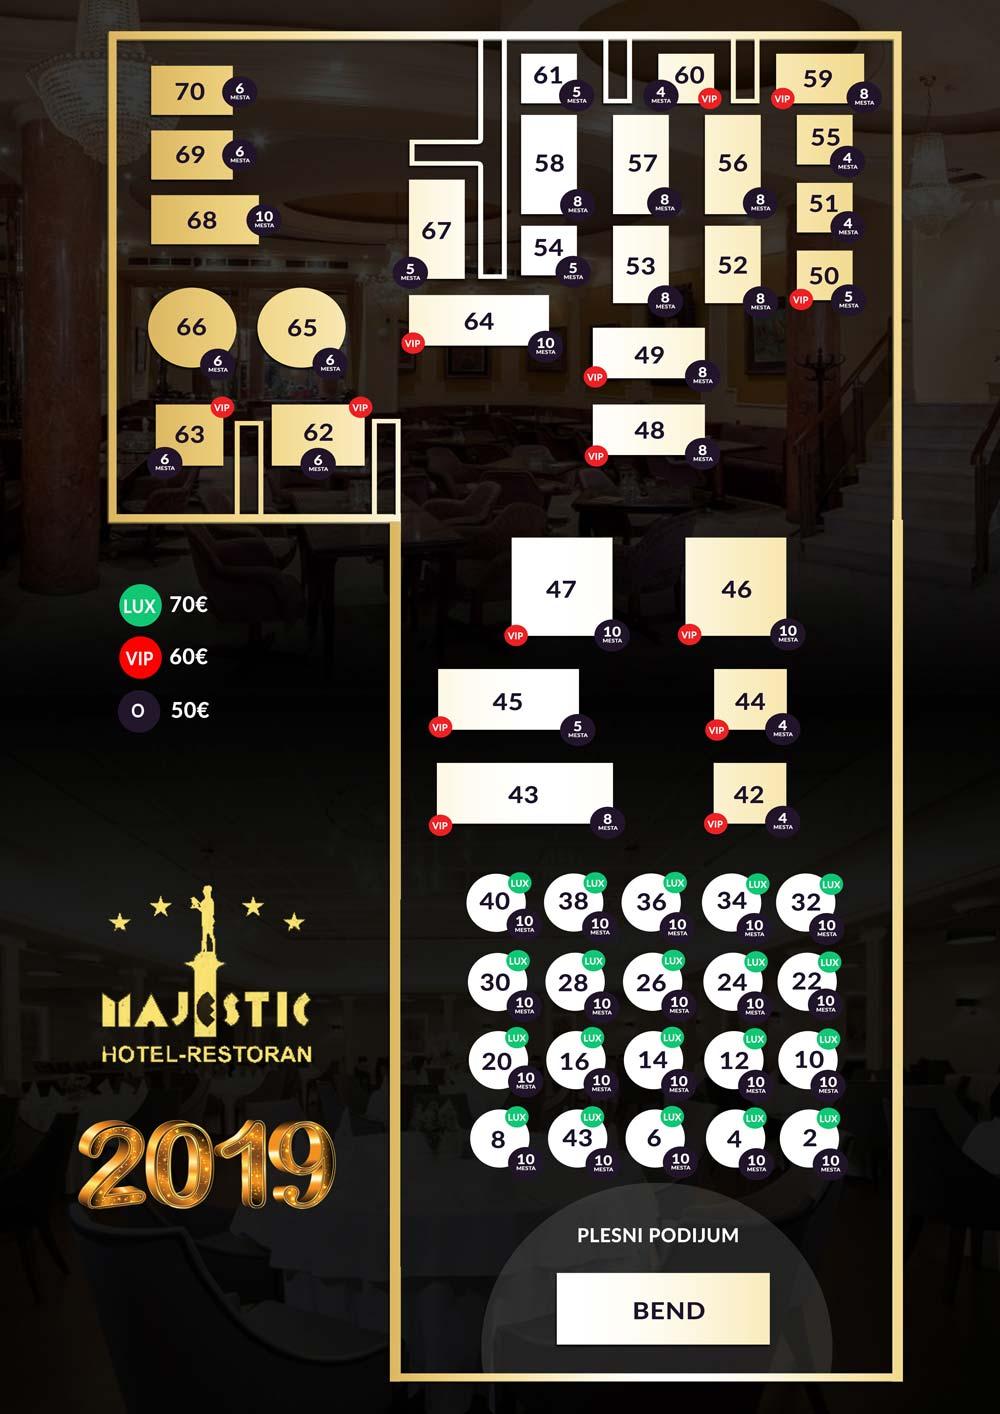 hotel majestic docek nove godine mapa